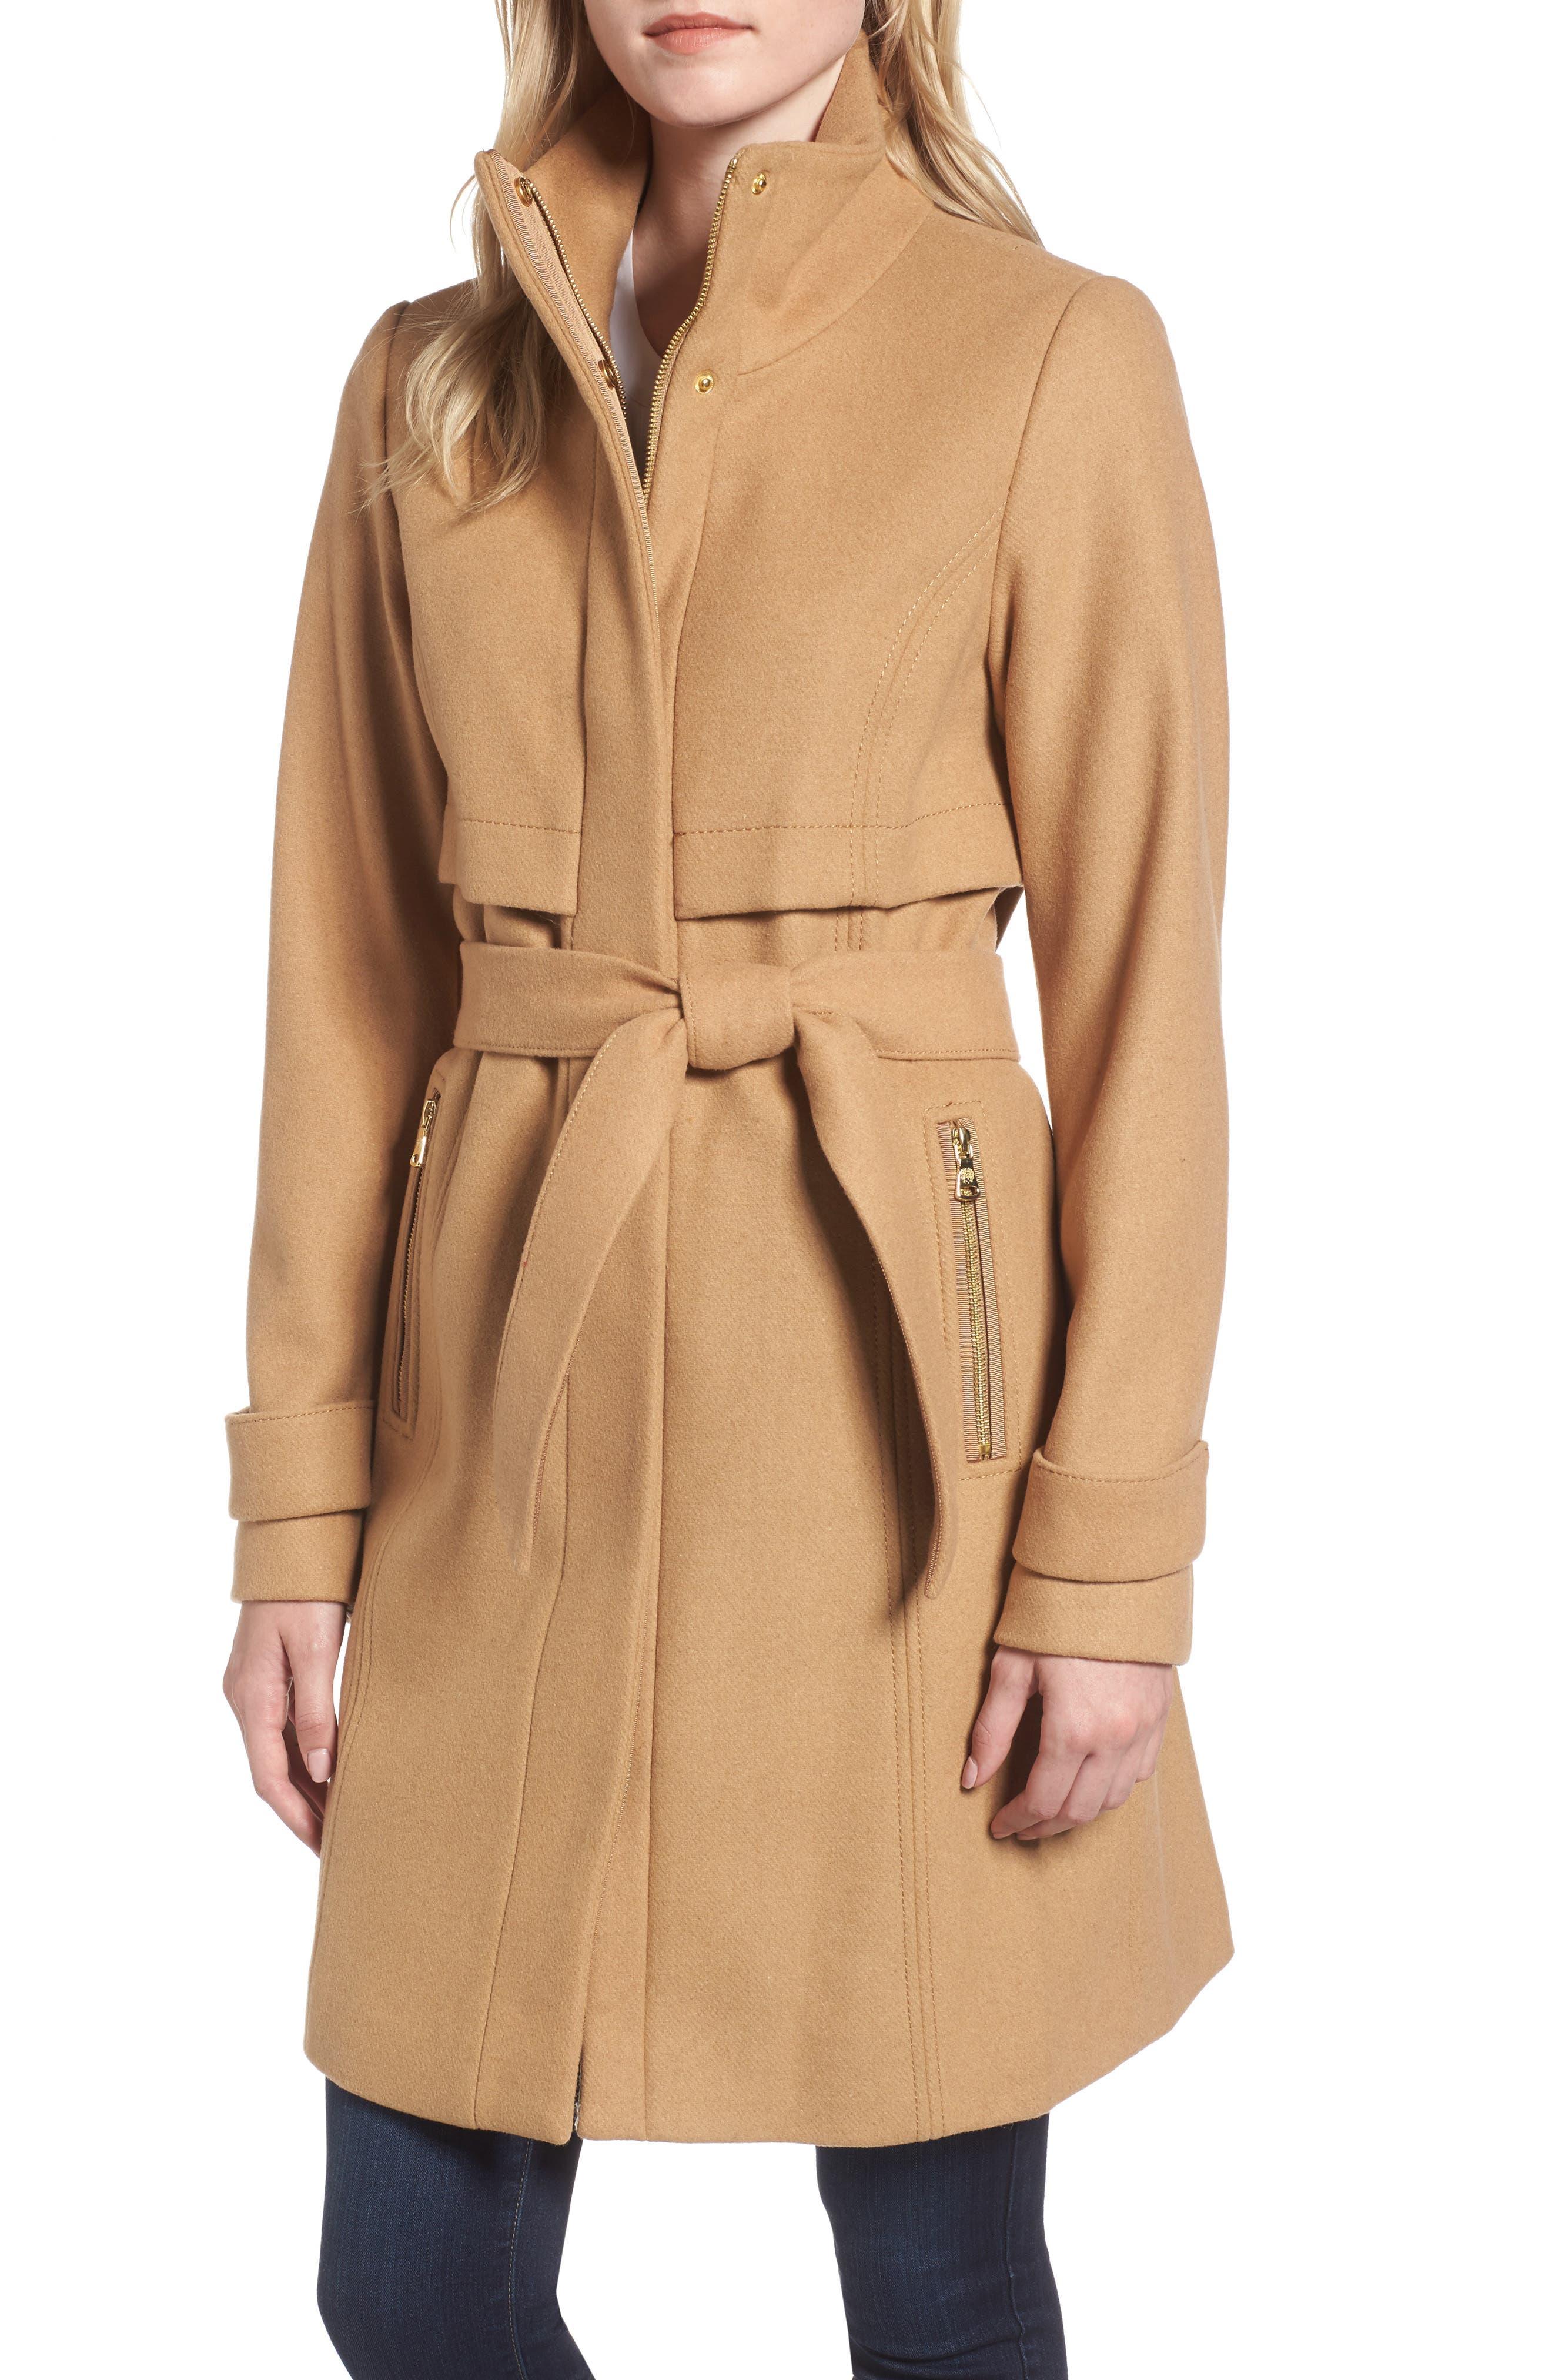 Alternate Image 1 Selected - Vince Camuto Flange Belted Coat